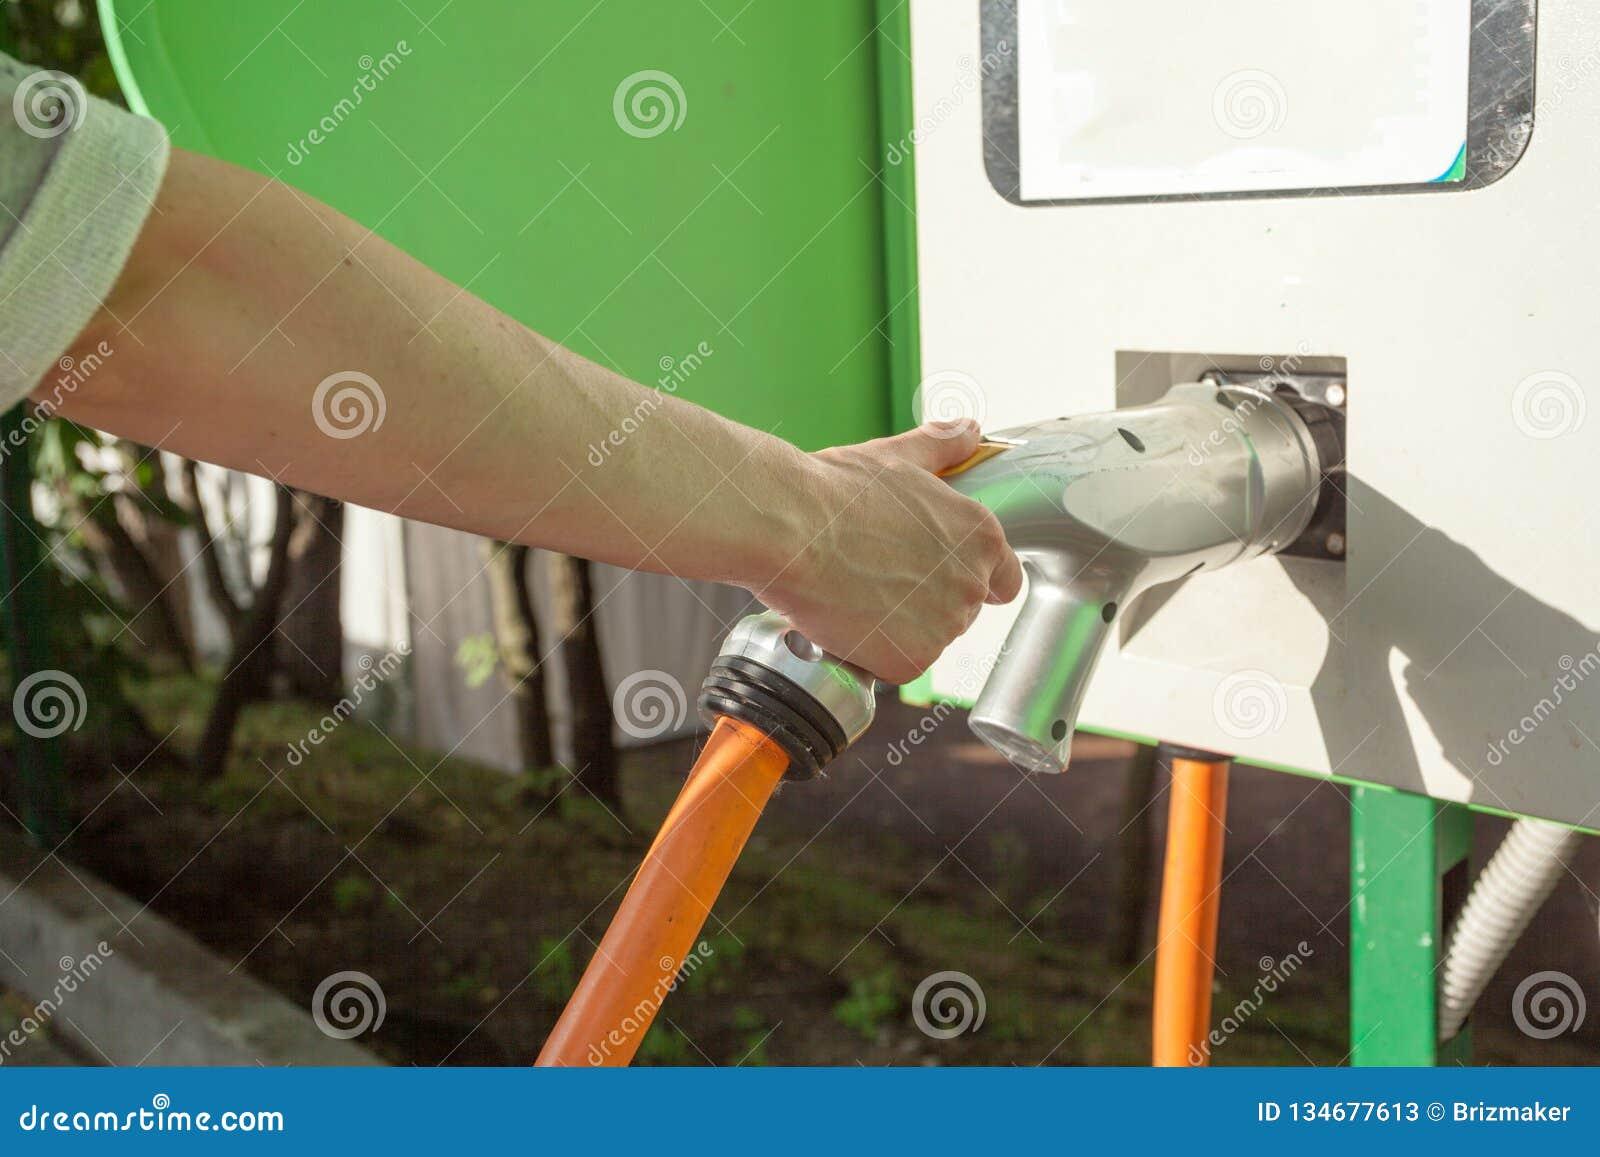 FAHRZEUG-Energieenergie des Elektroautos Aufladungsfür umweltfreundliches Frau, die Aufladungskabel des Elektroautos hält